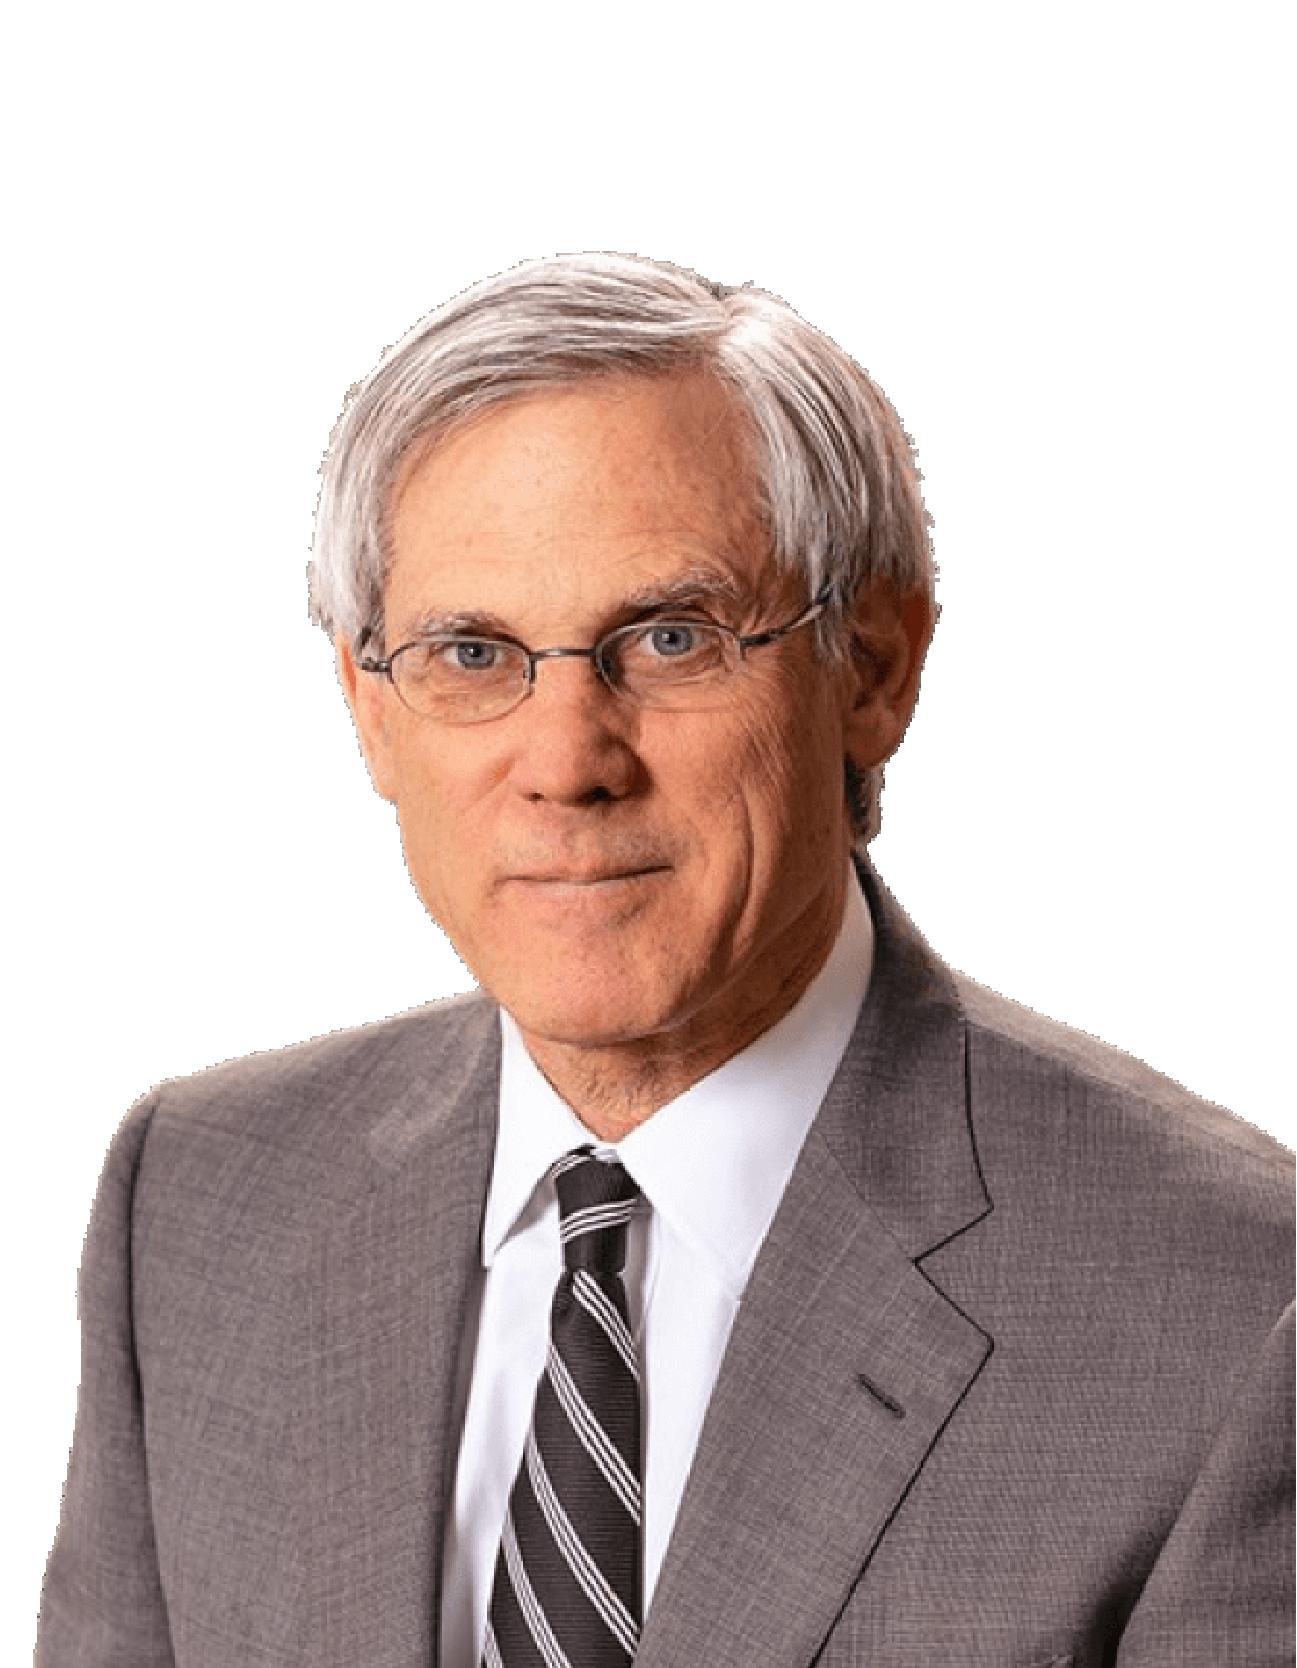 David V. Carlson